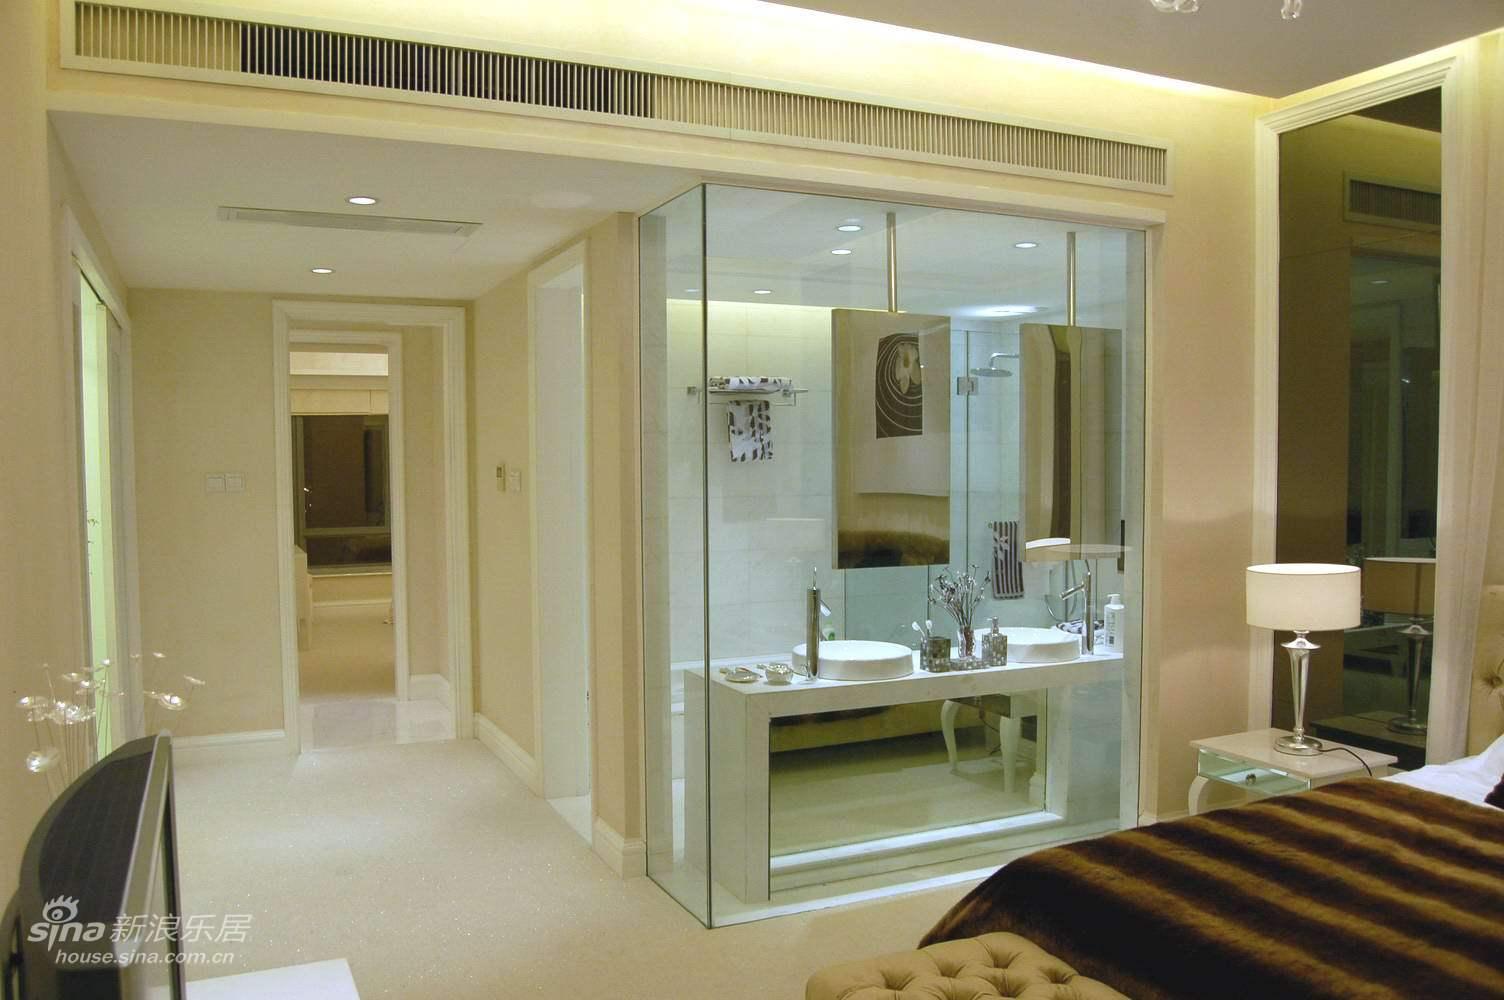 简约 二居 客厅图片来自用户2558728947在黑白经典搭配 尊贵时尚70的分享